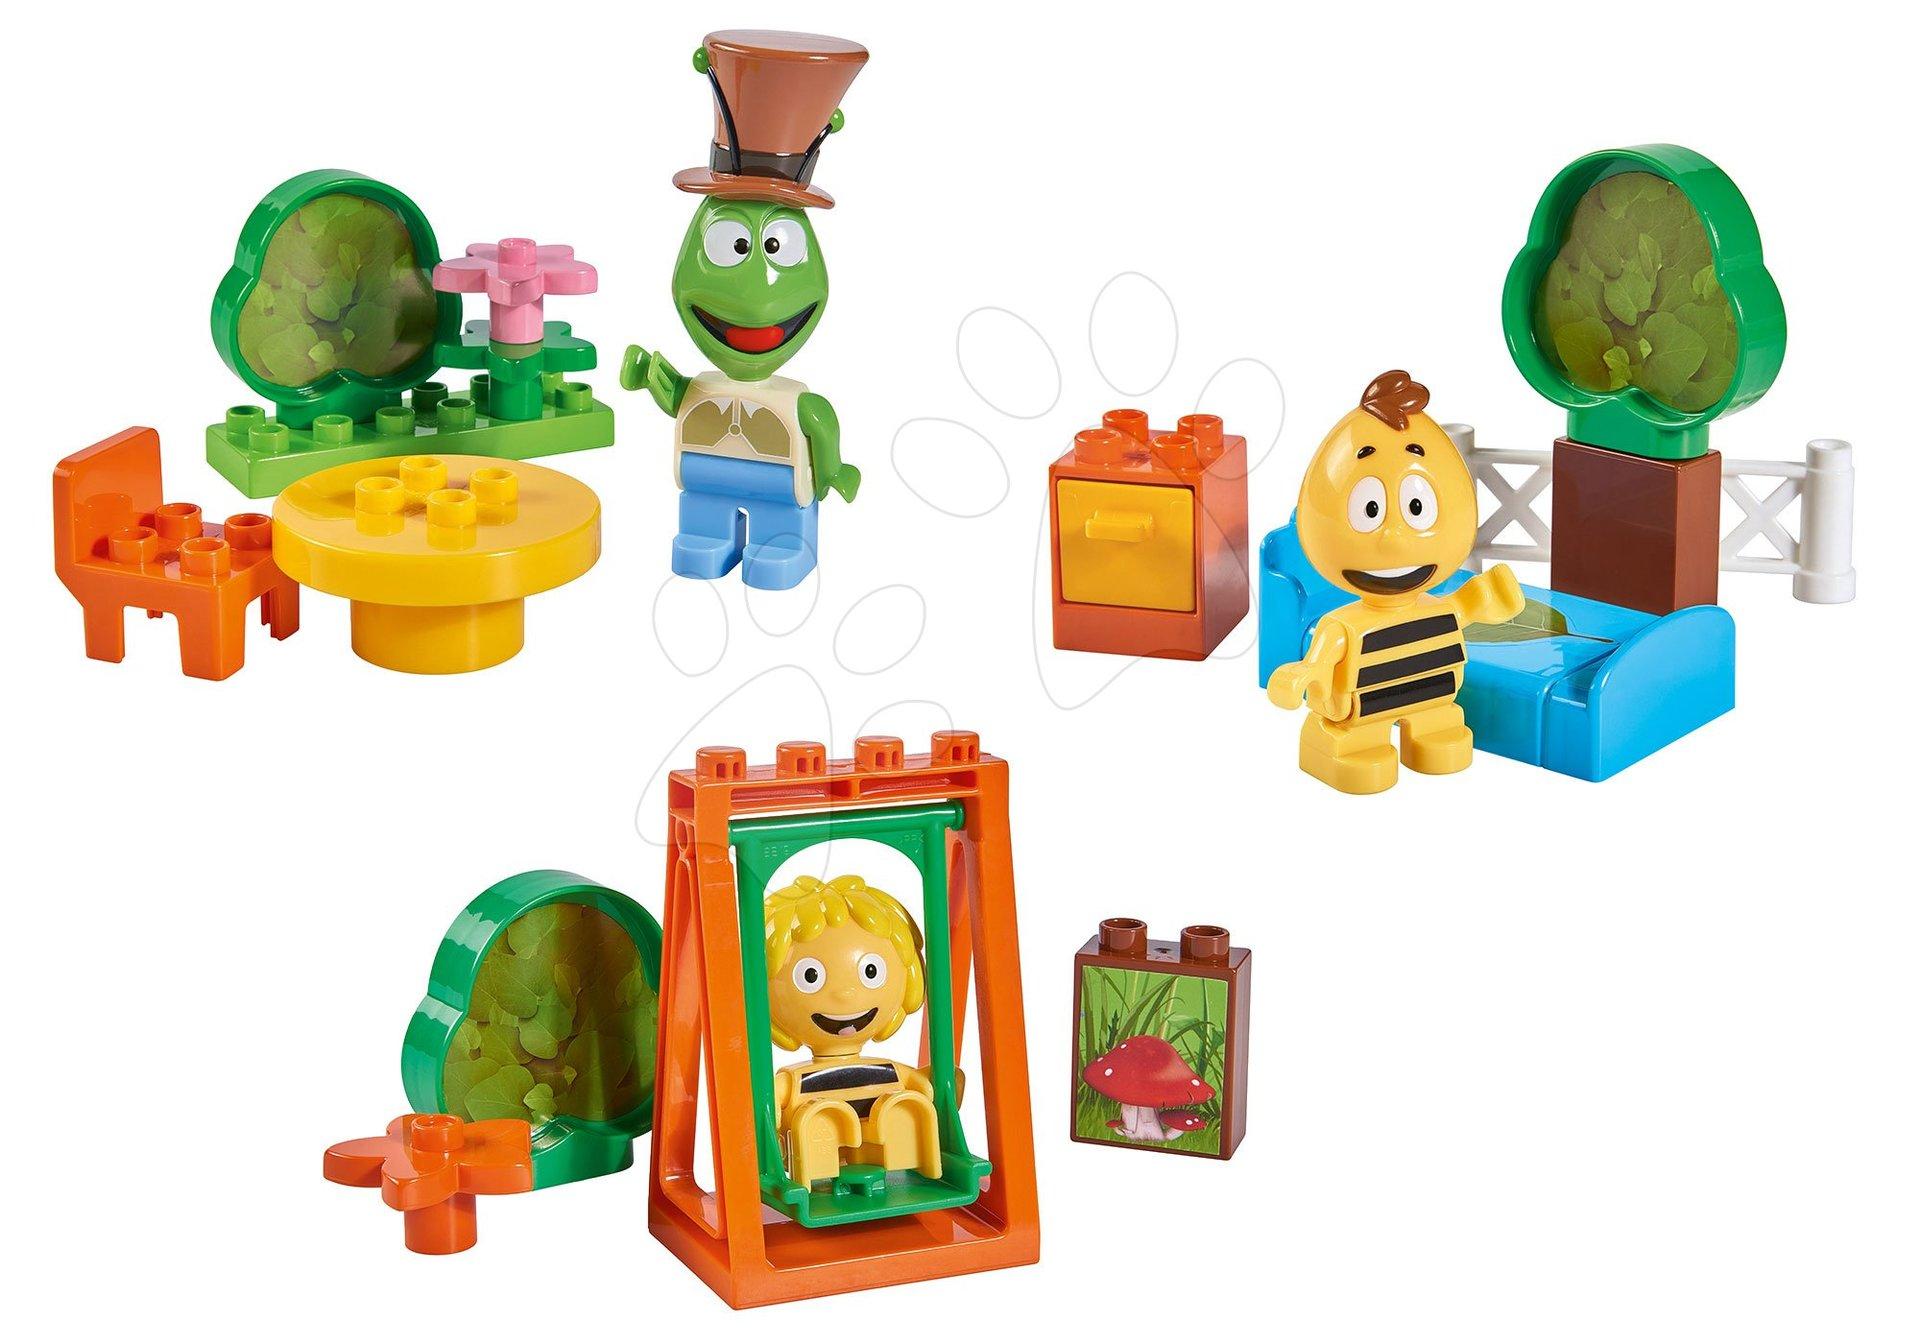 Set tří stavebnic Včelka Mája, Vilko a Flip PlayBIG Bloxx 3 figurky od 24 měsíců